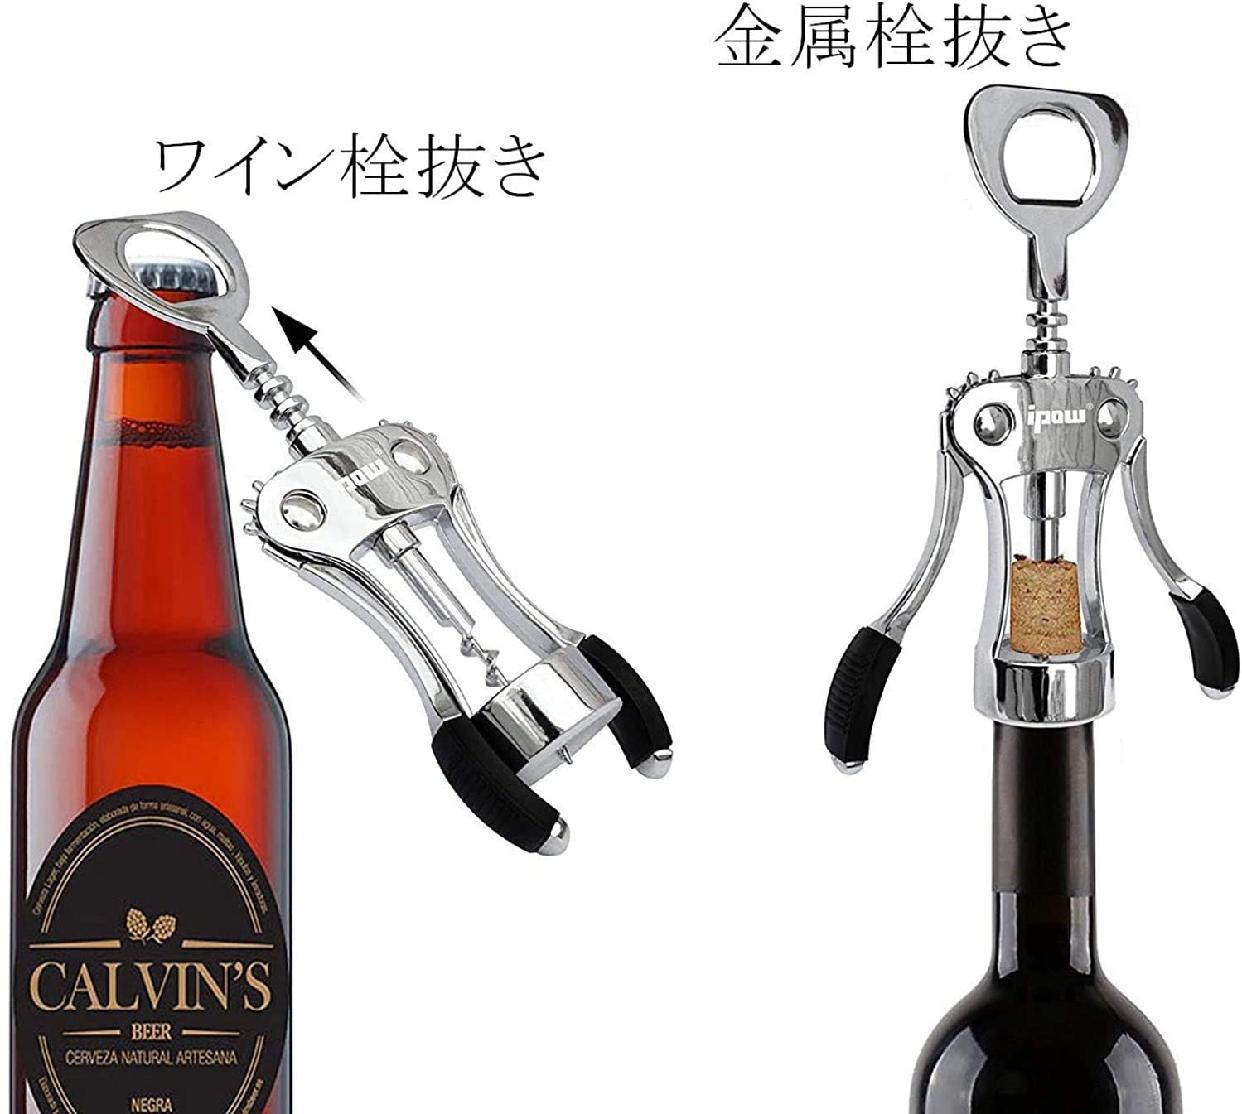 IPOW(アイパウ) ワインオープナーの商品画像2